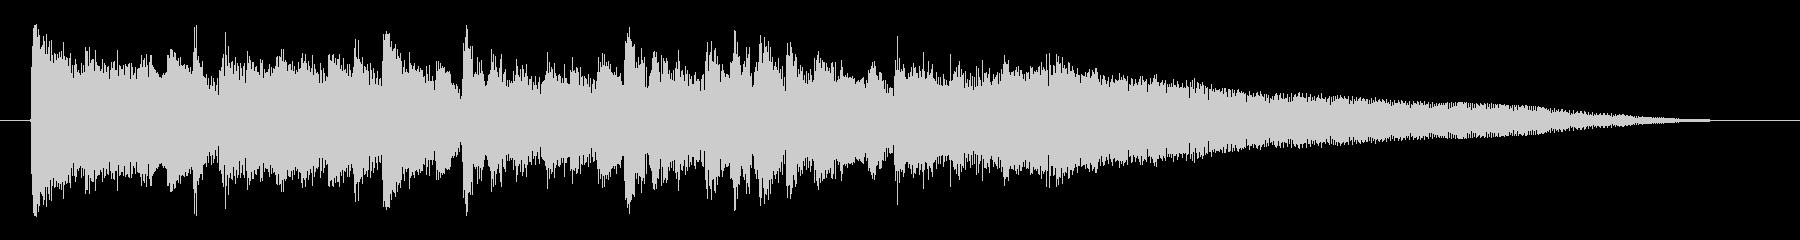 洗練された近代的な映像オープニングロゴの未再生の波形